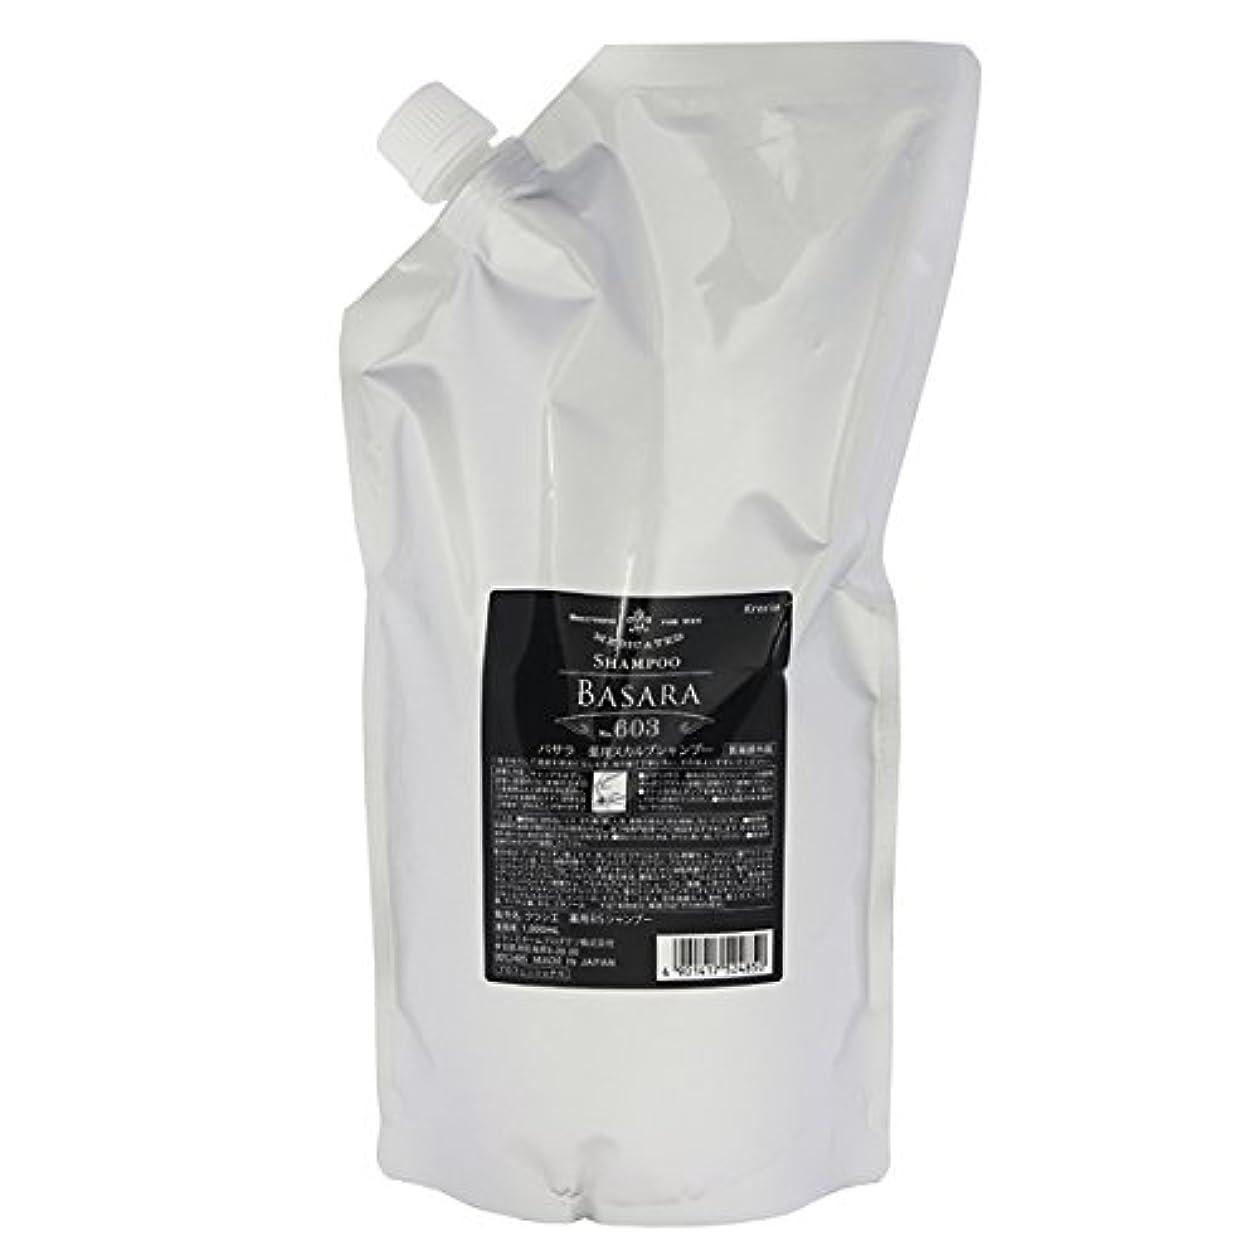 放射能ラッカス雑品クラシエ バサラ 薬用スカルプ シャンプー 603 1000ml レフィル